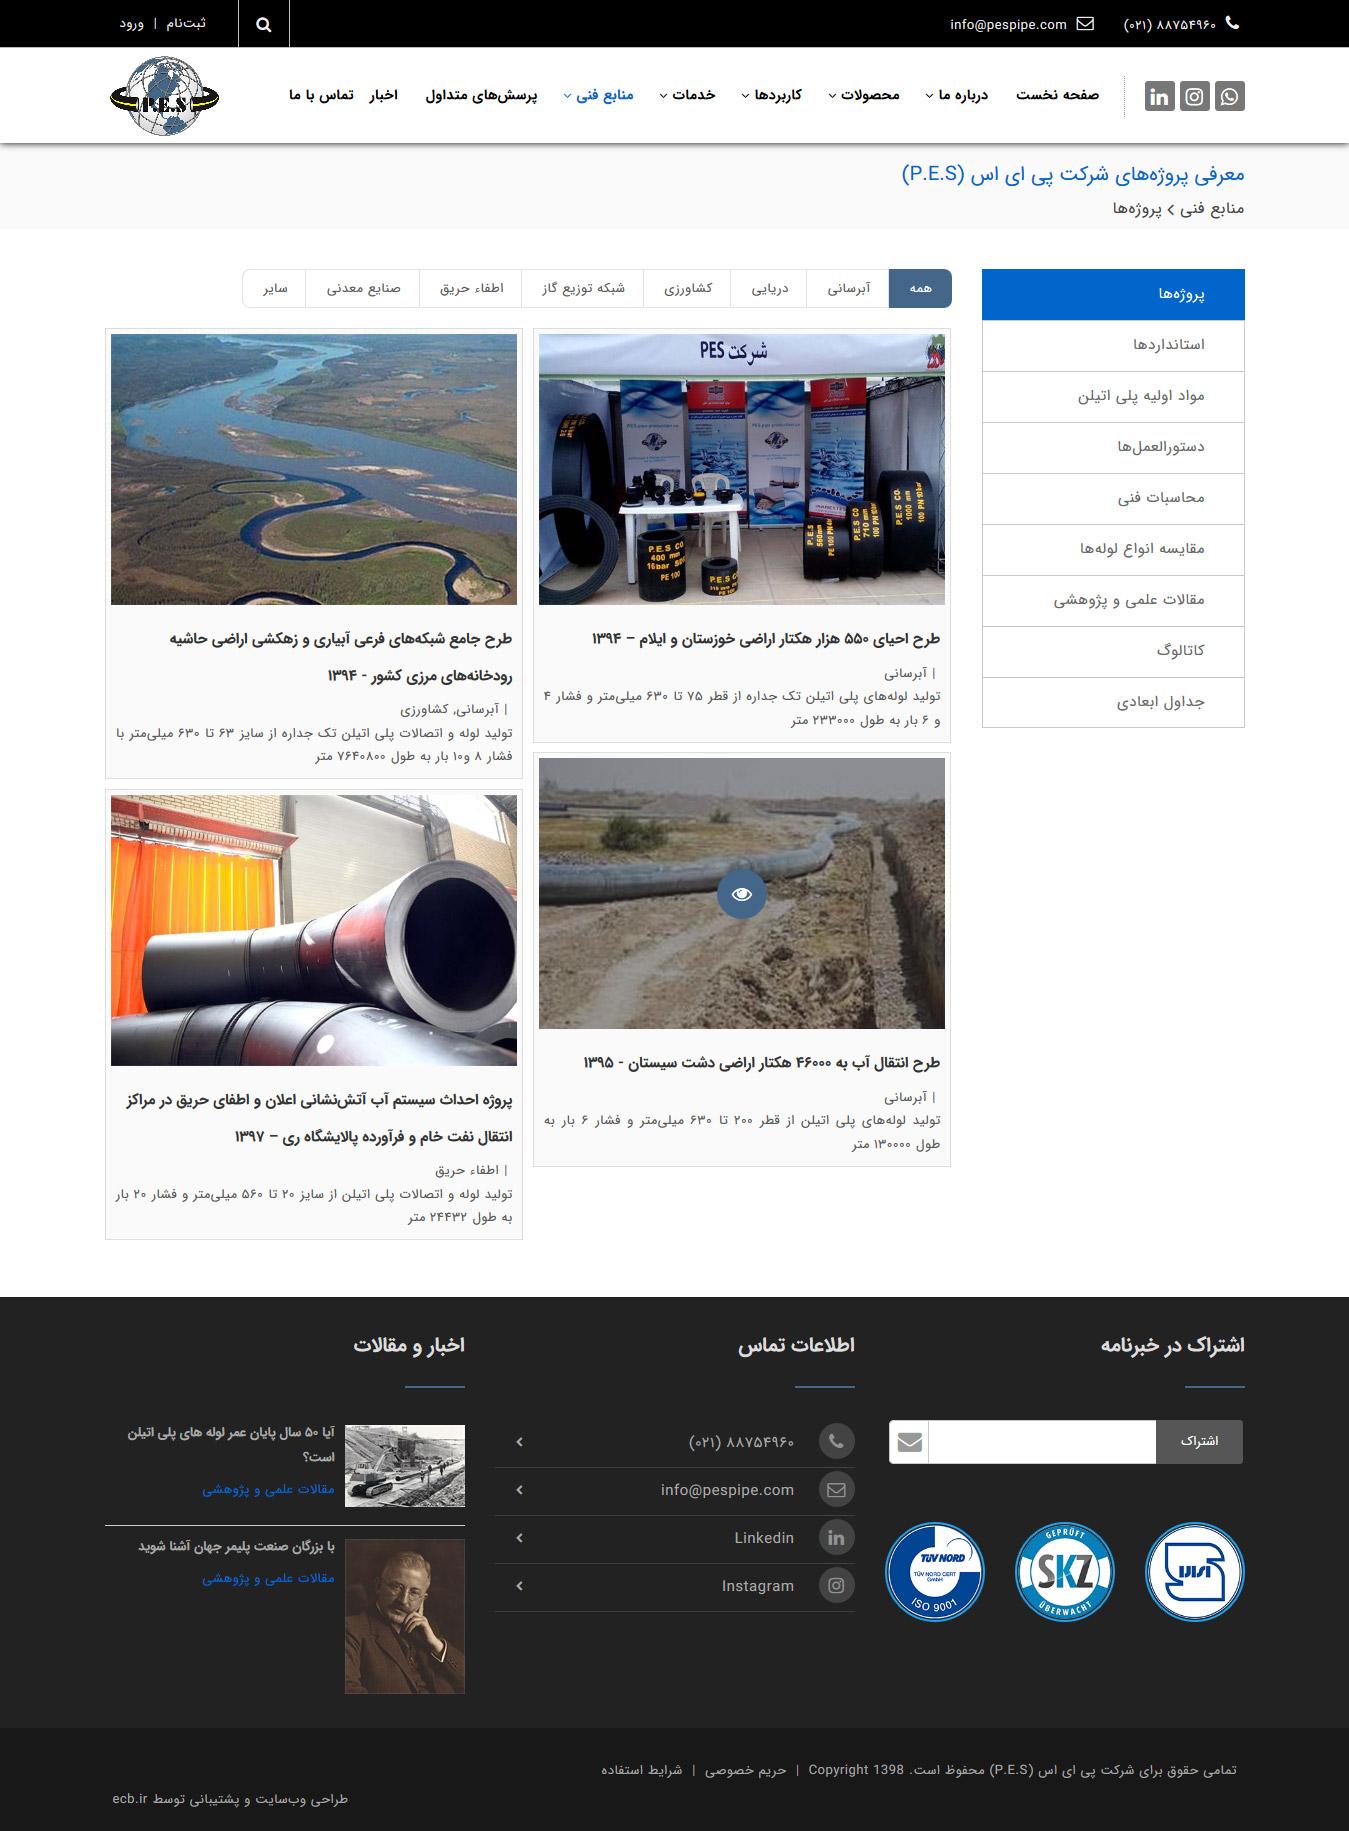 تصویری از صفحه پروژههای انجام شده شرکت تولید لوله و اتصالات پلی اتیلن P.E.S. پی ای اس